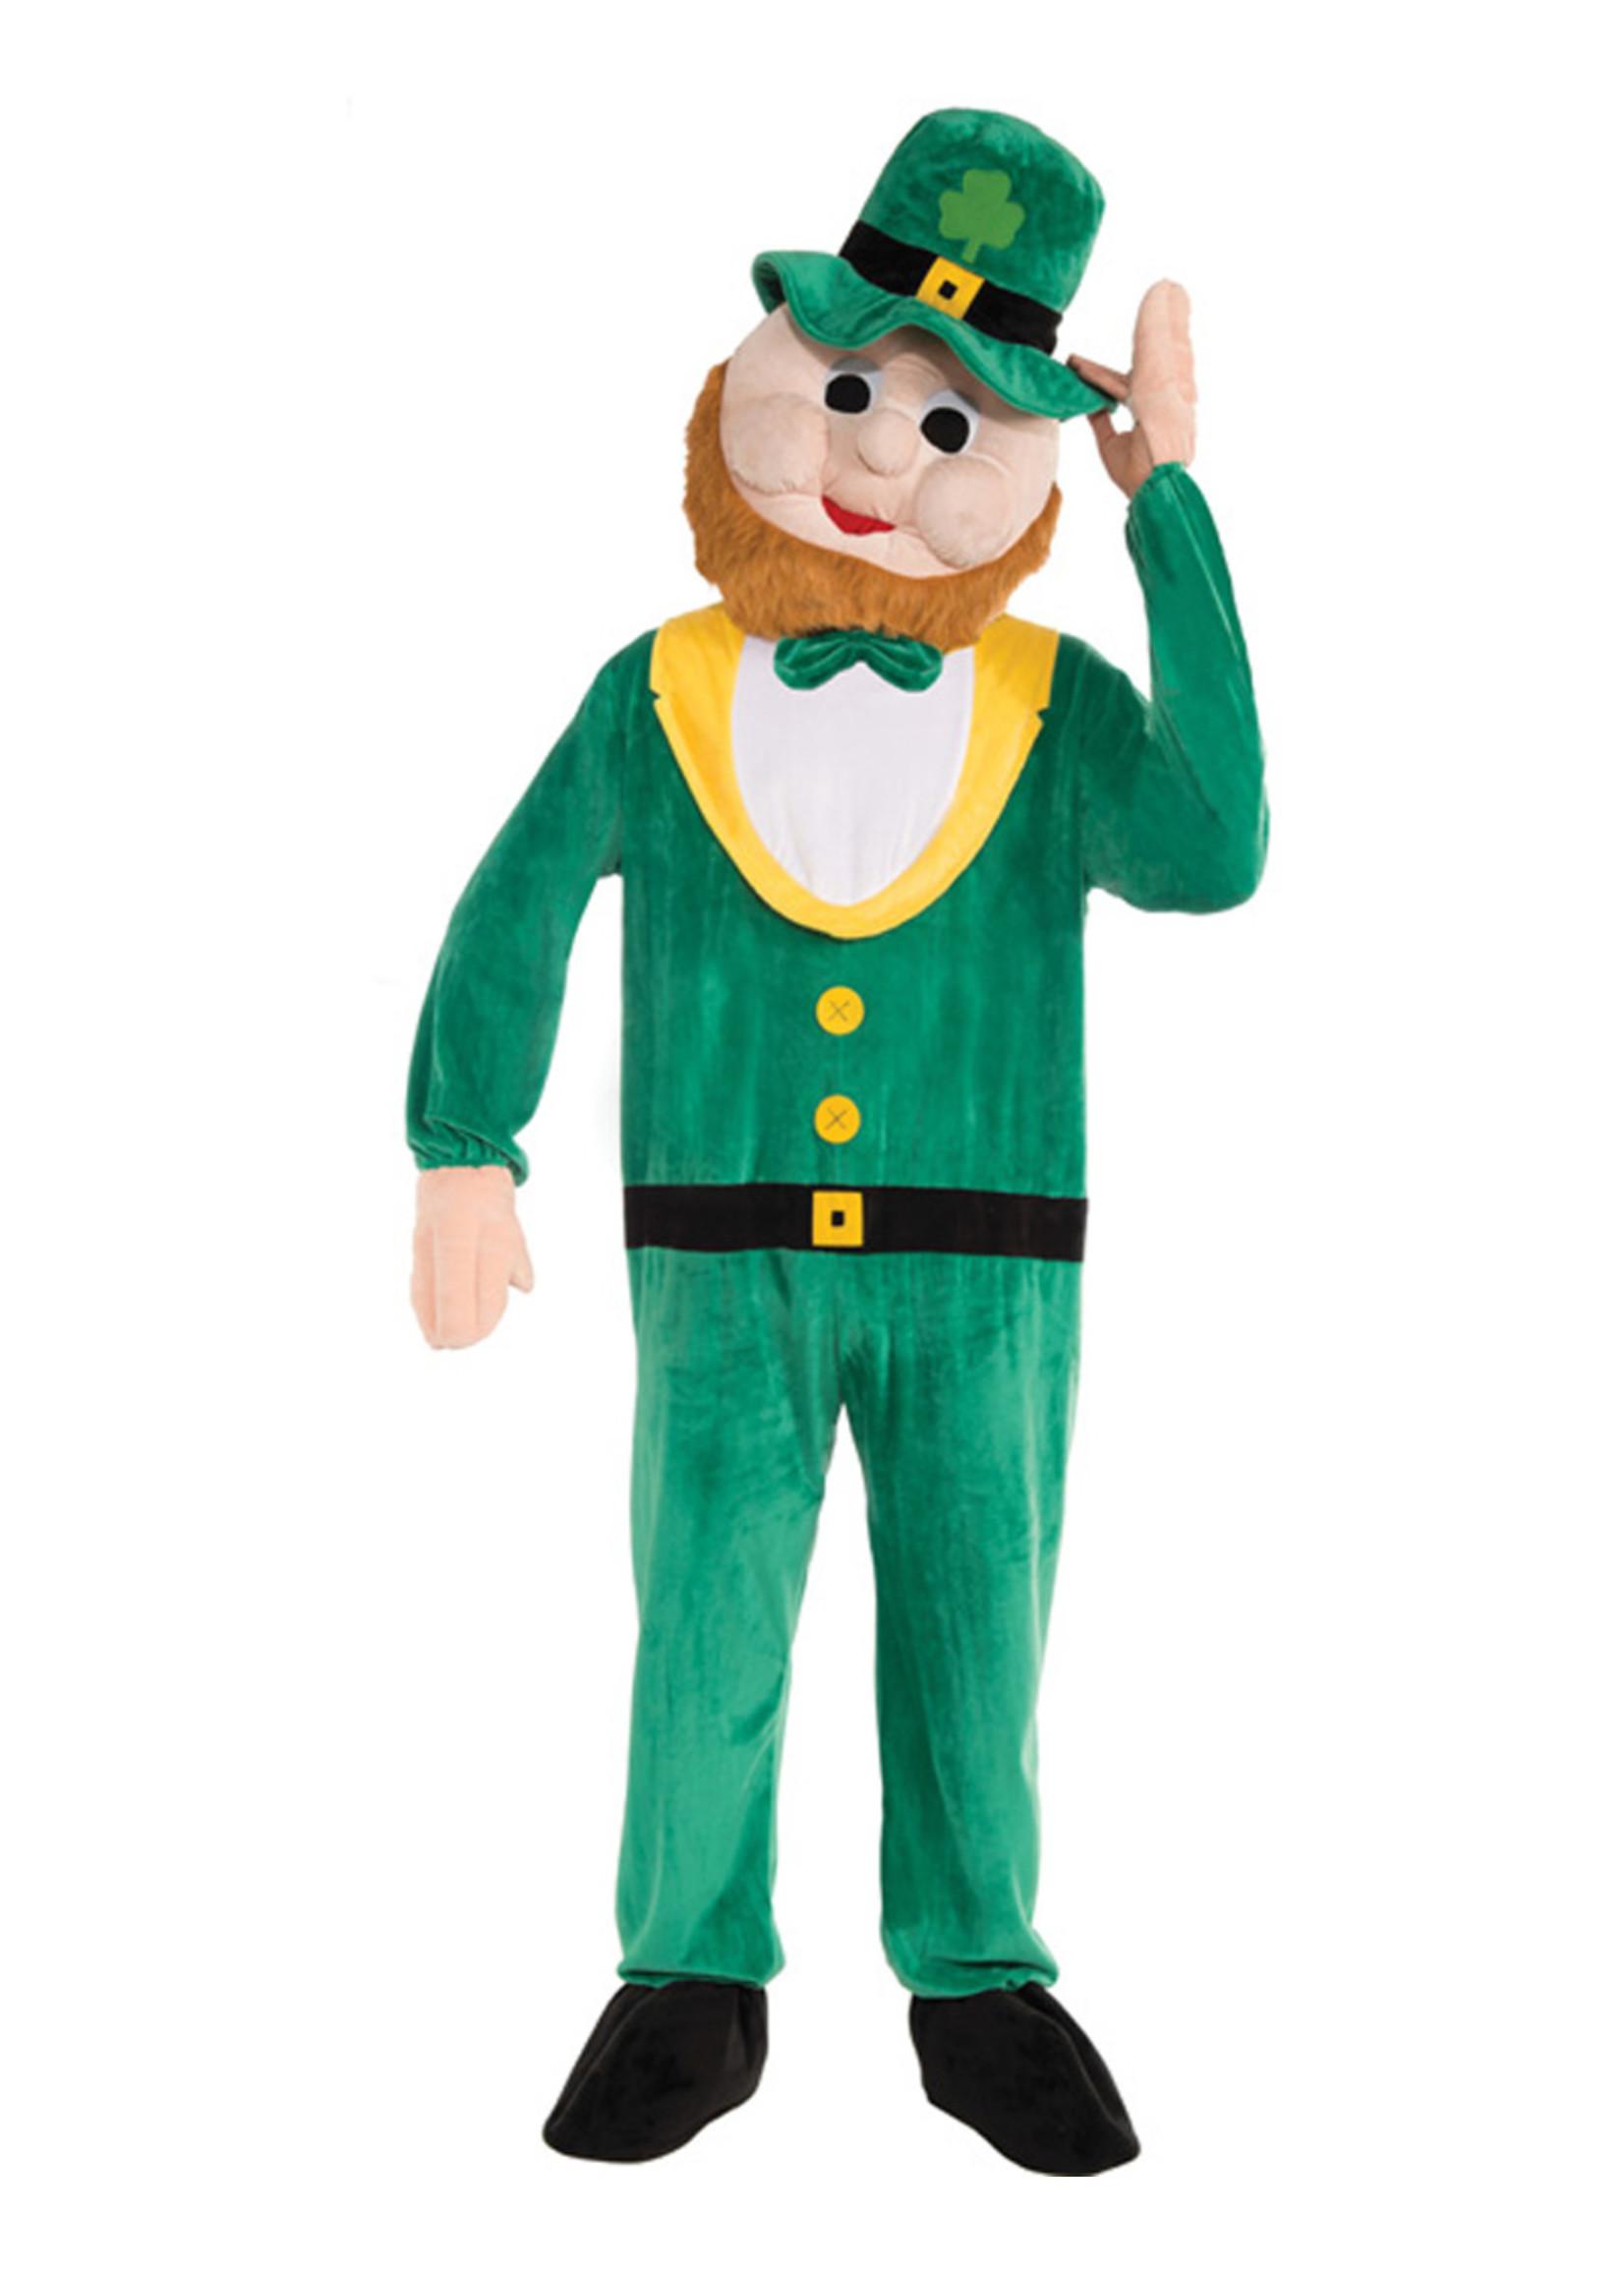 FORUM NOVELTIES Leprechaun Costume - Men's